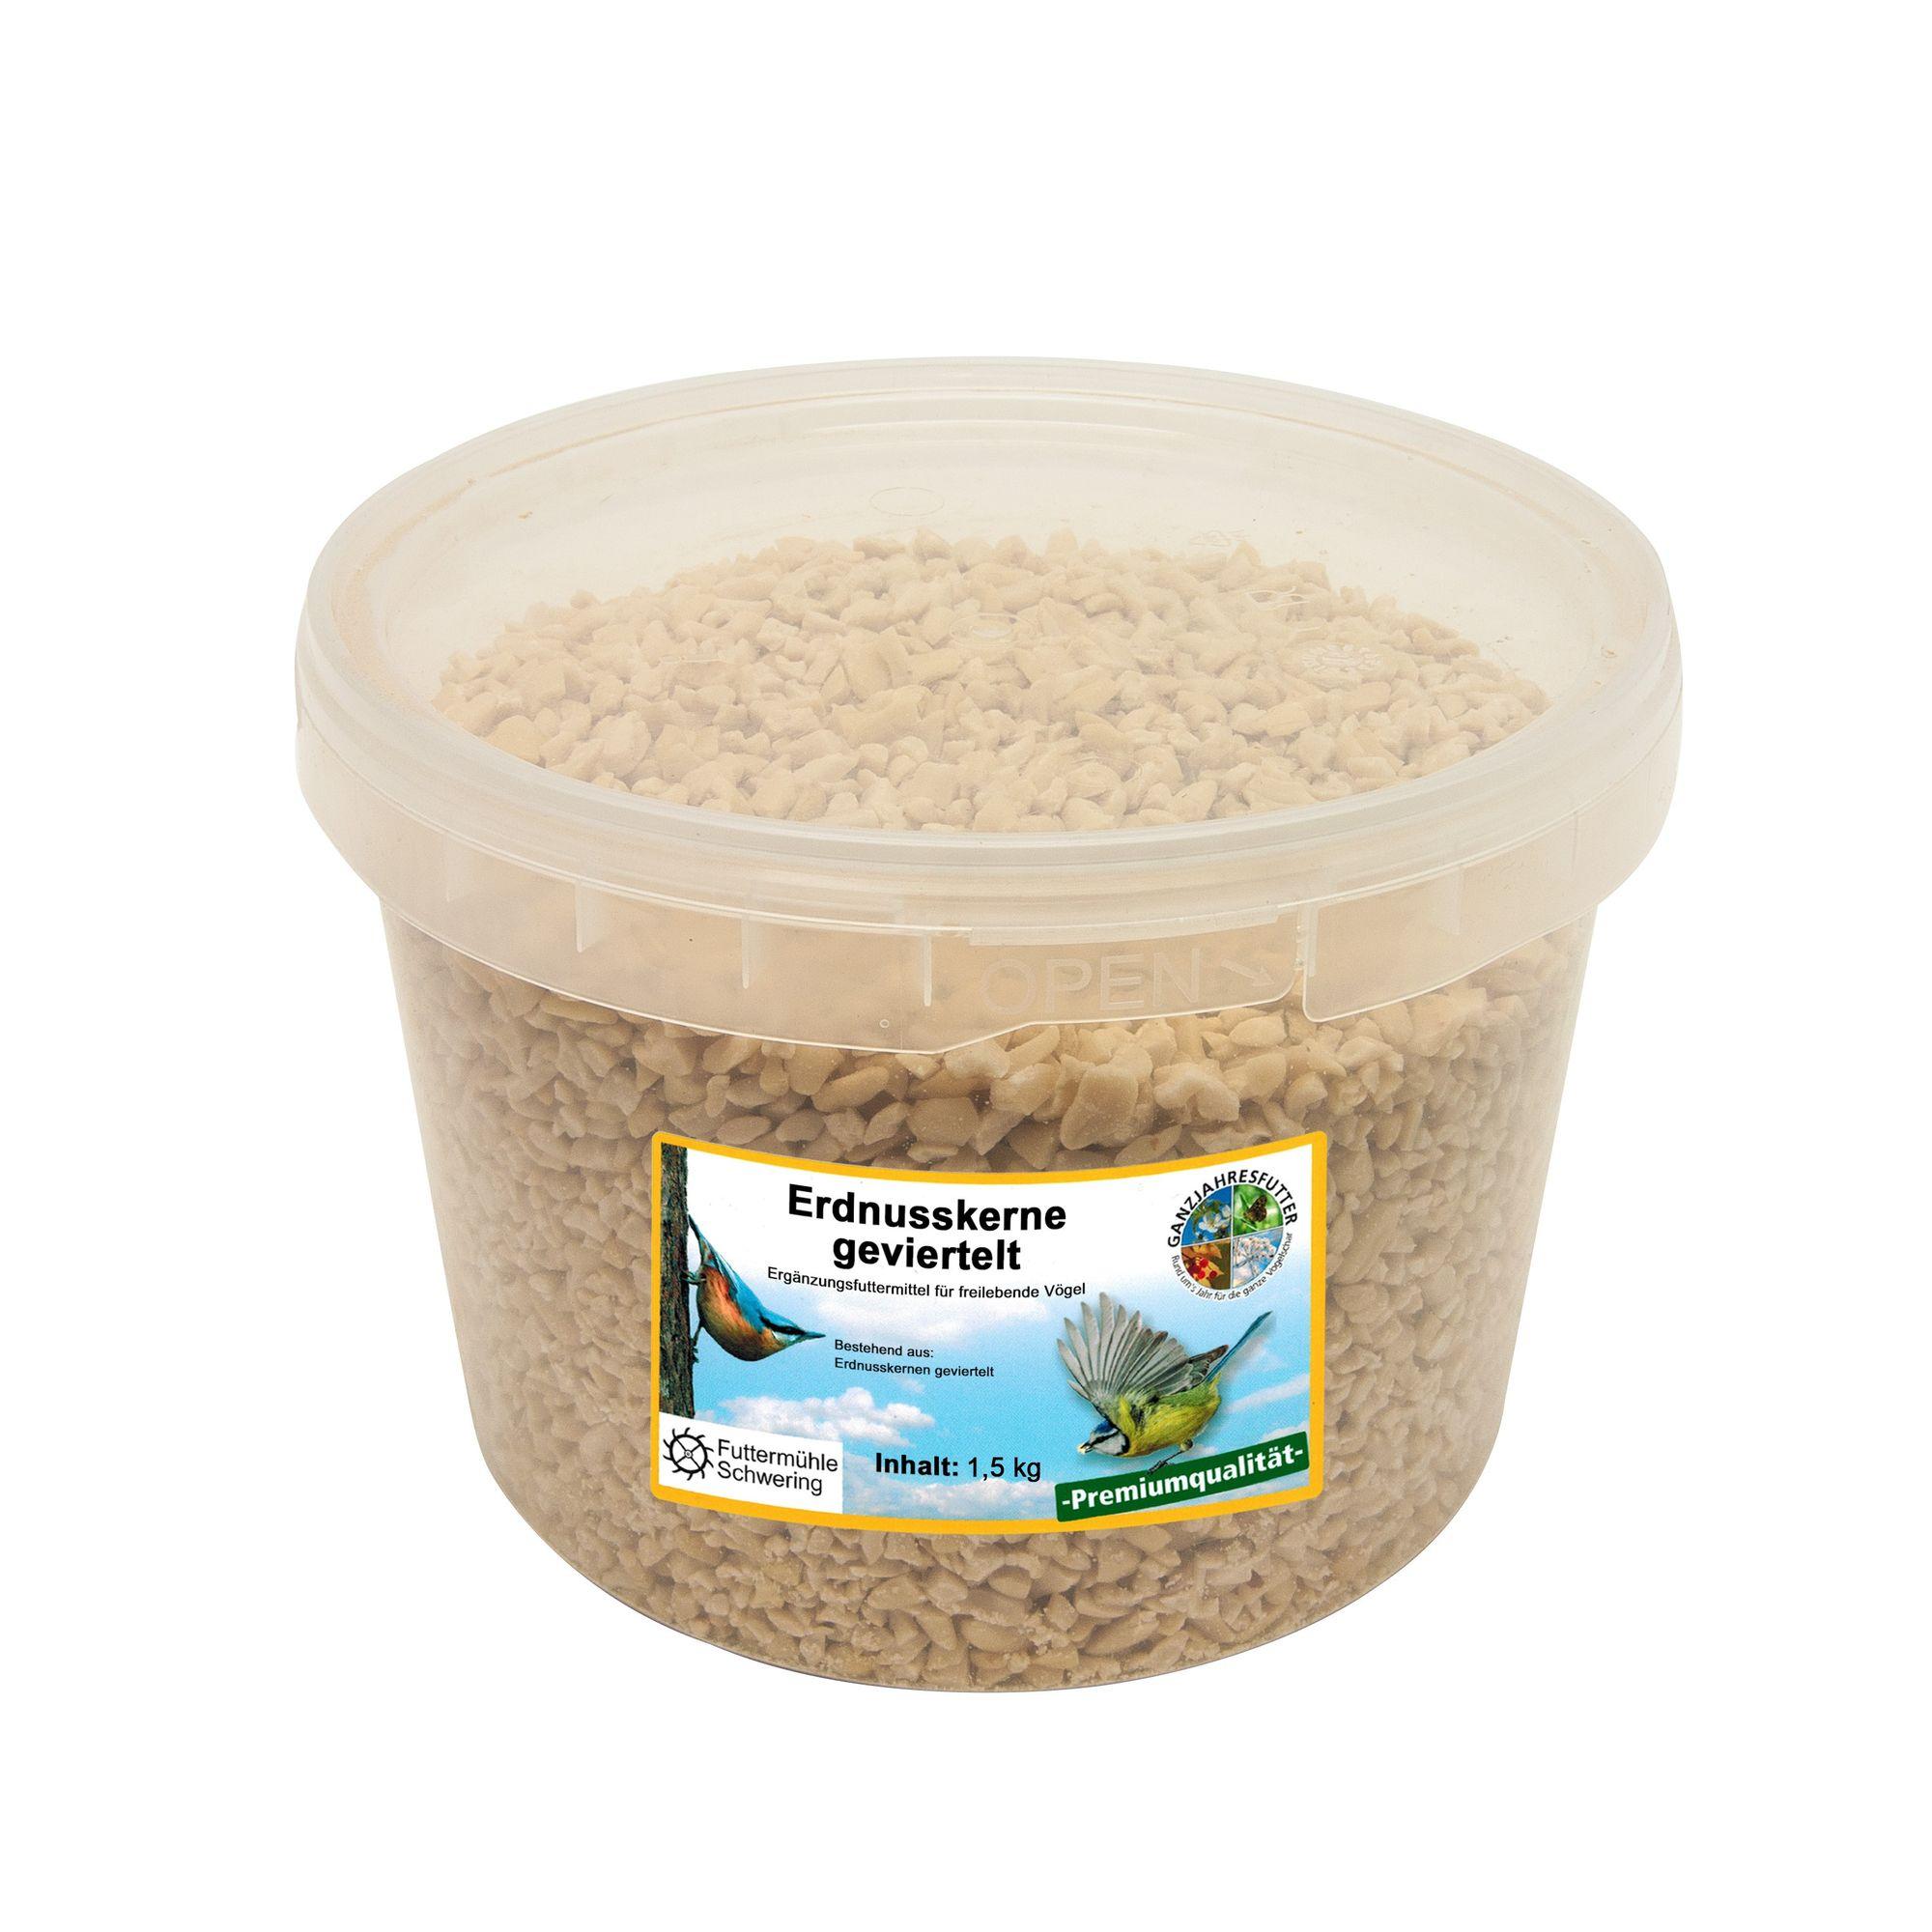 Erdnusskerne geviertelt 1,5 kg Eimer